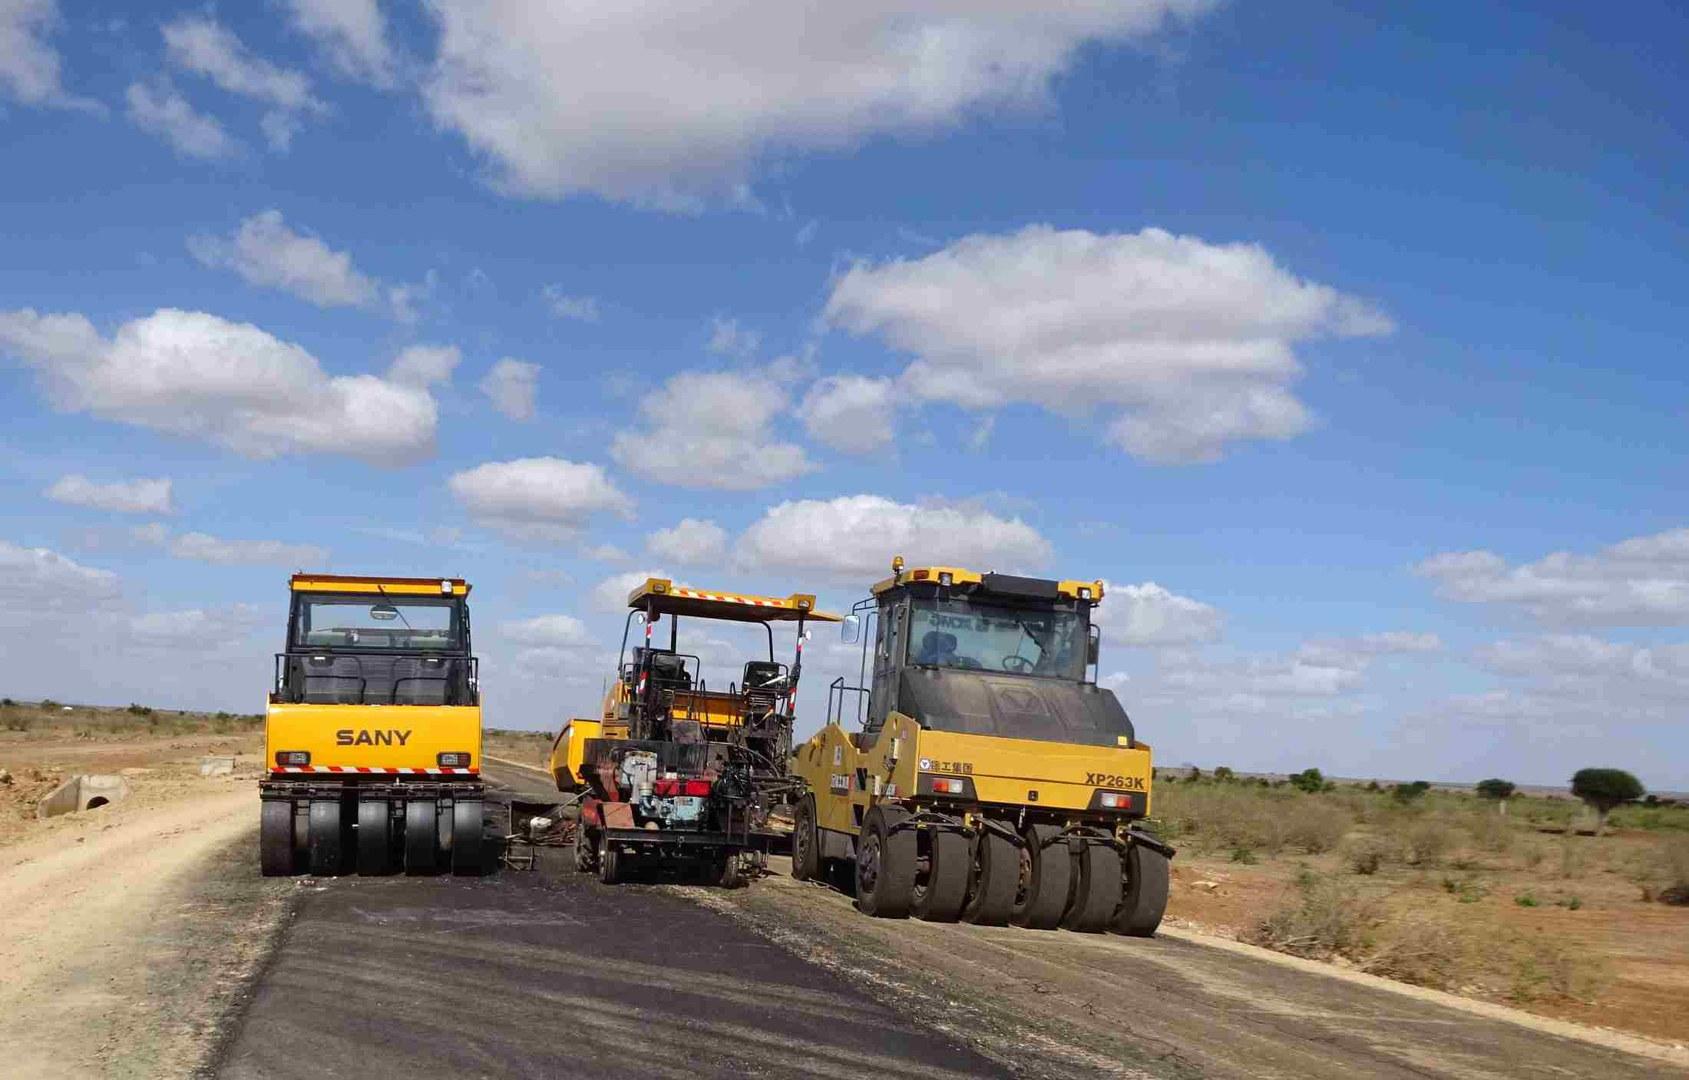 Wie führen Infrastrukturprojekte in afrikanischen Ländern zu Konflikten um Land?